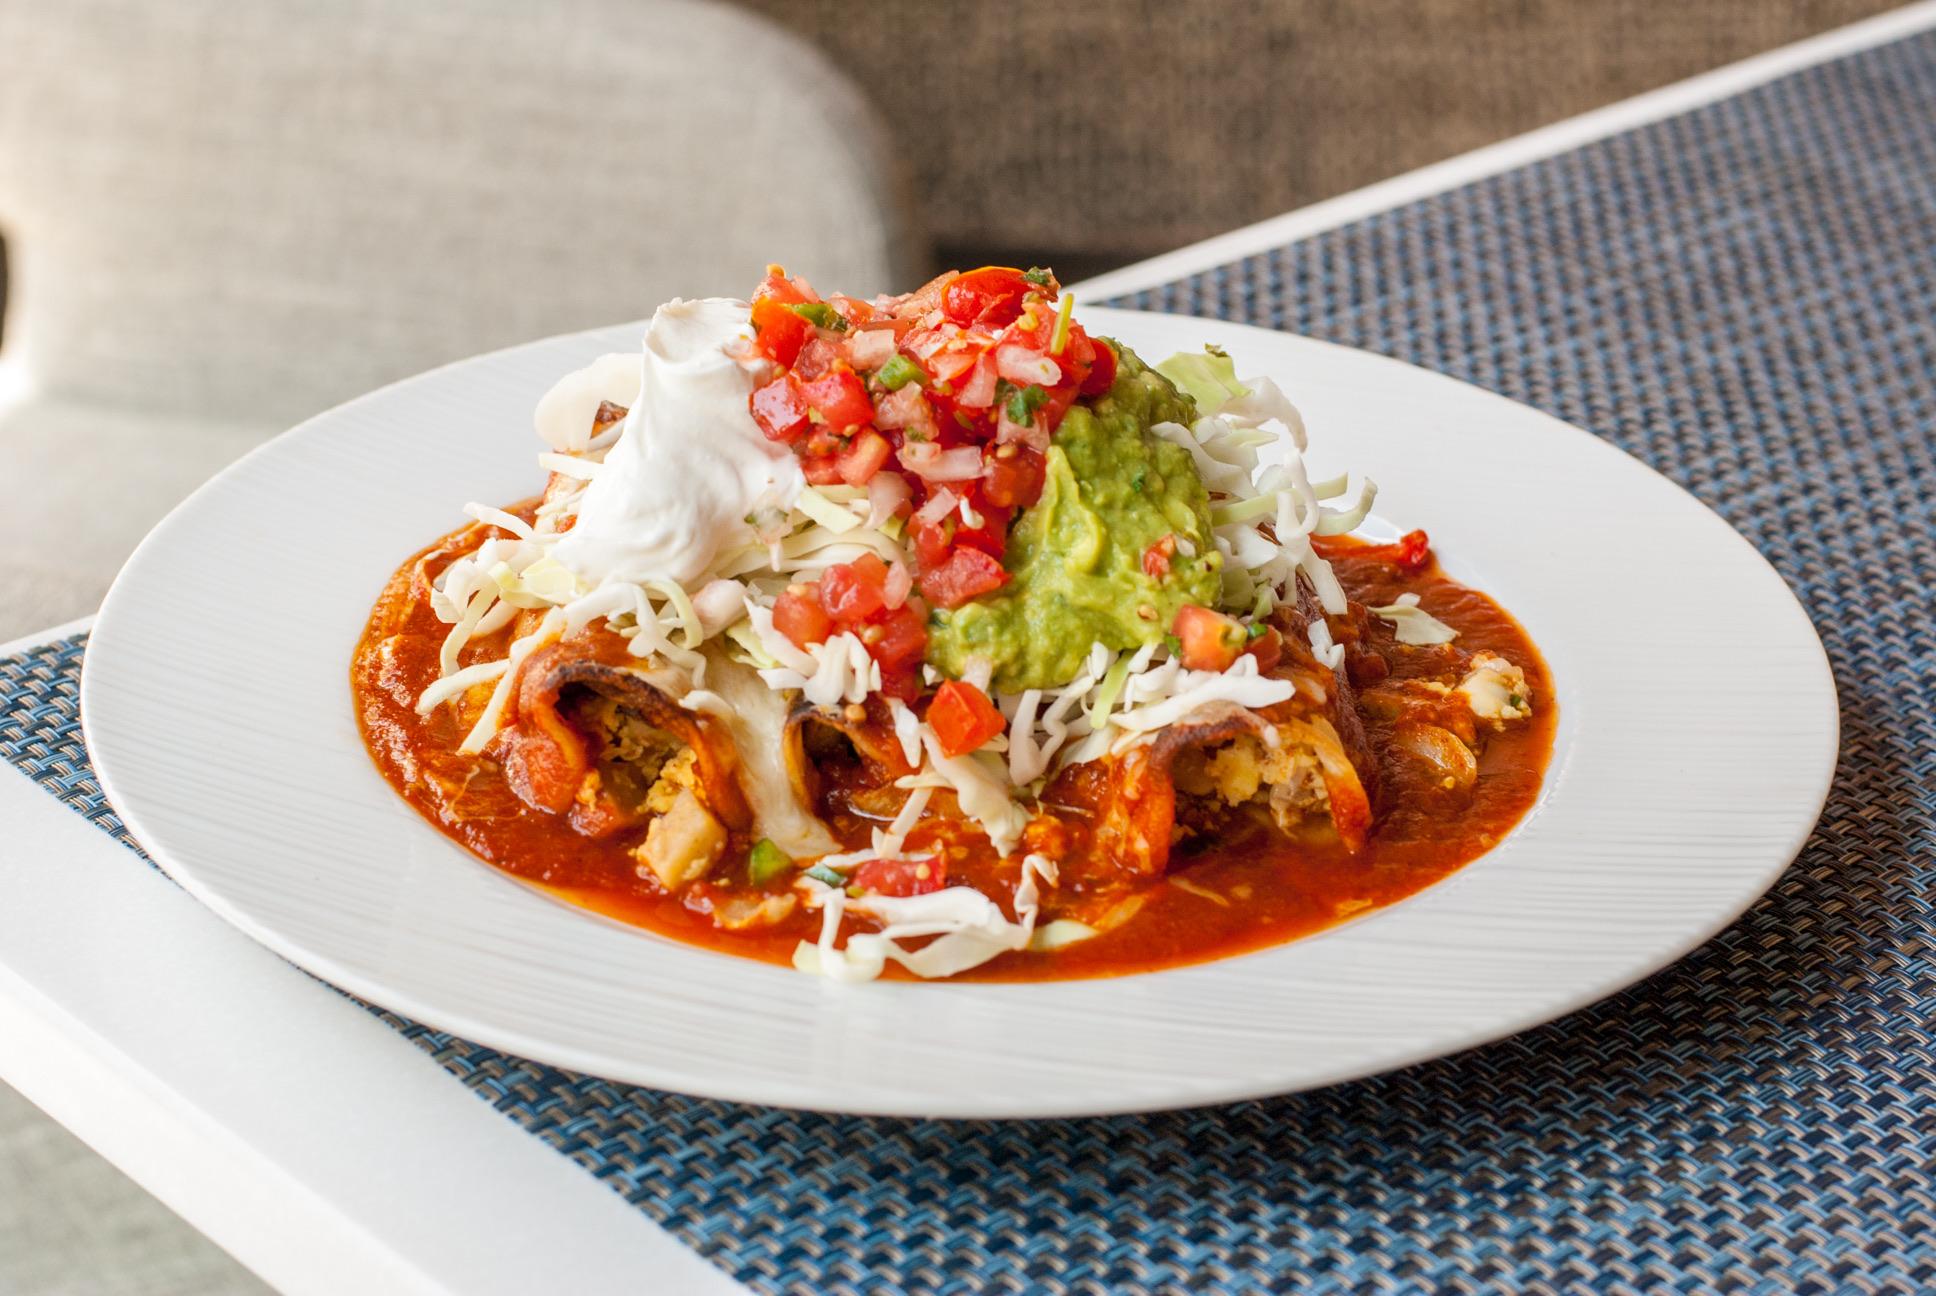 Breakfast Enchiladas at Beachside Restaurant & Bar, Marina del Rey, CA